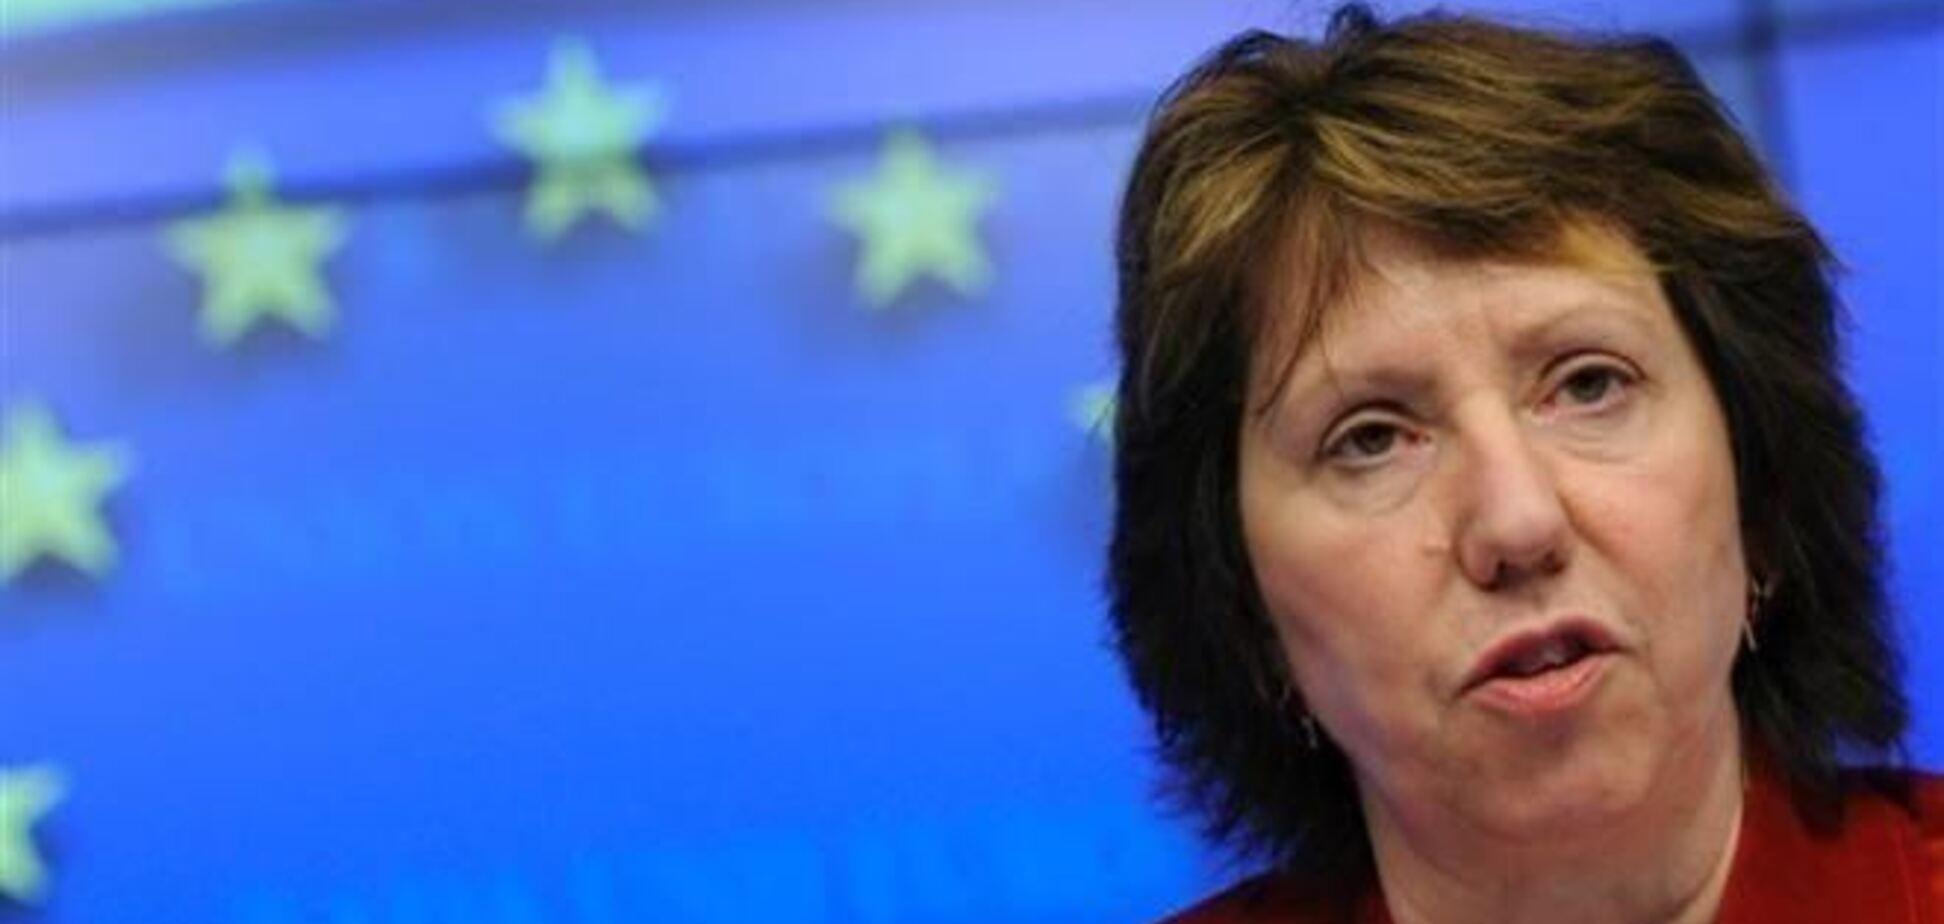 Російський бізнес виграє від асоціації України з ЄС - Ештон